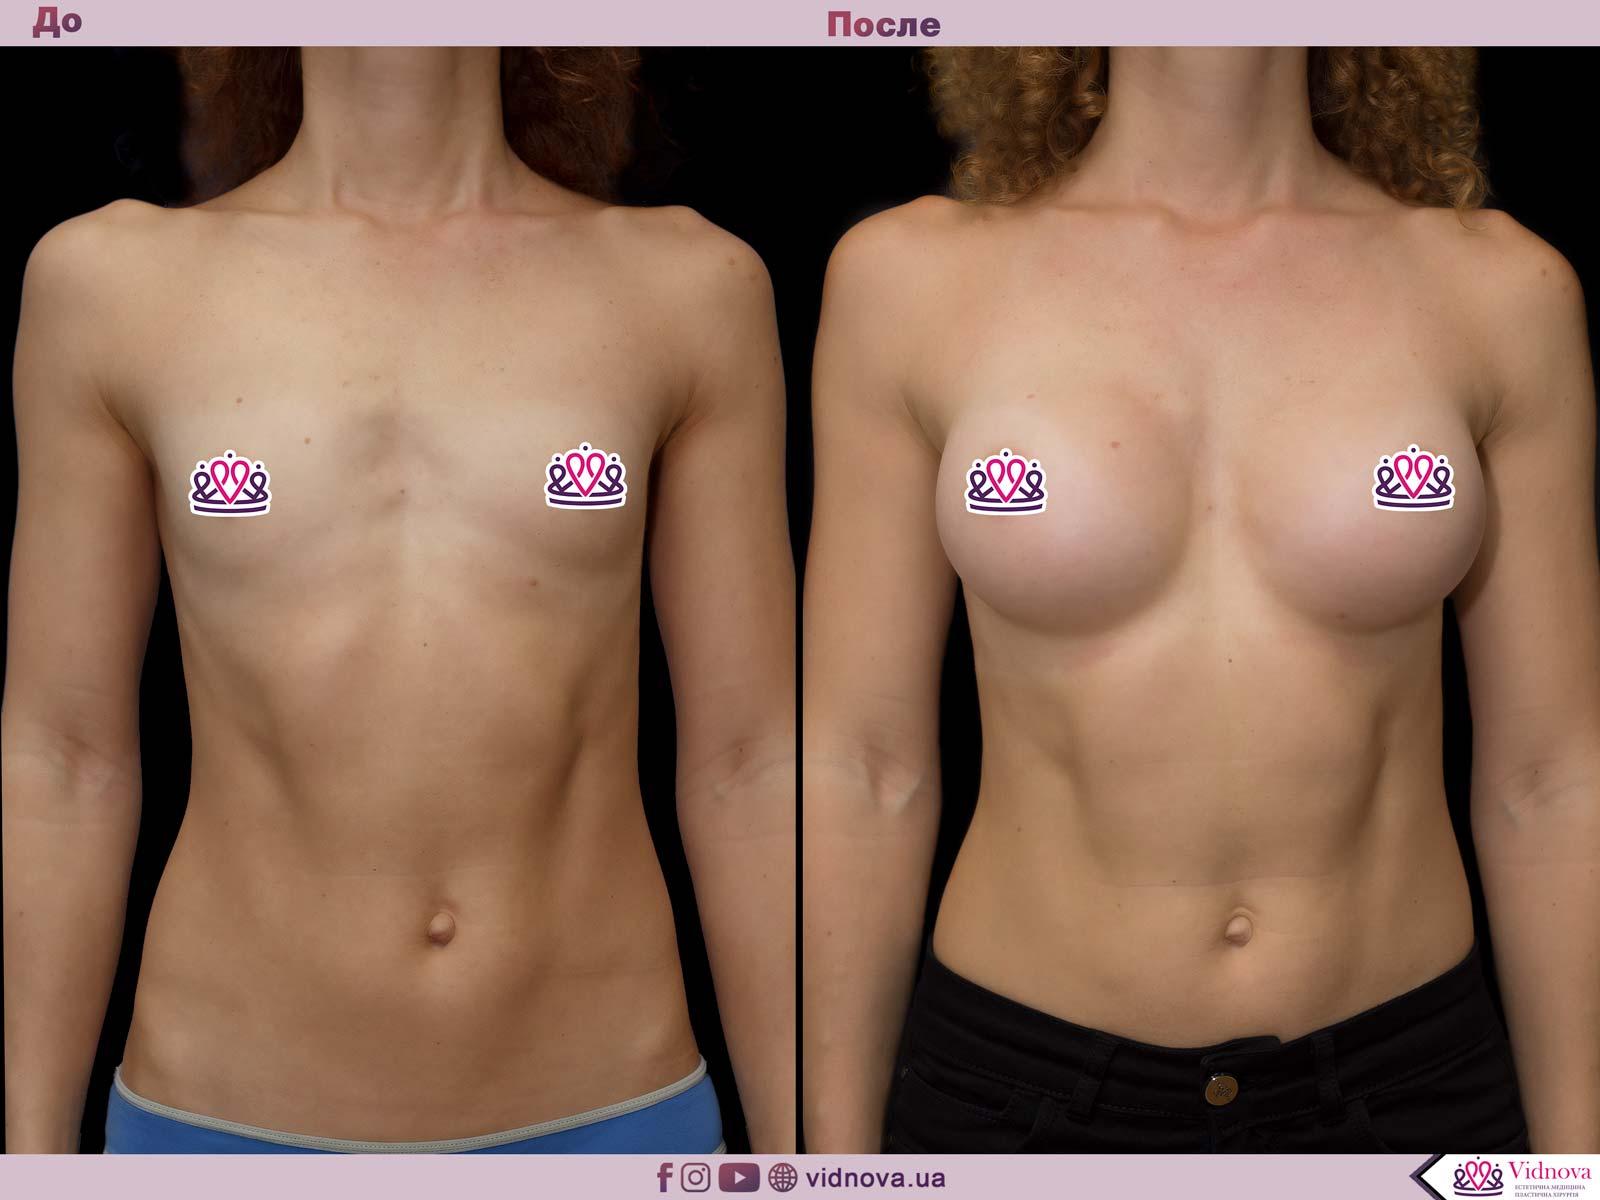 Пластика груди: результаты до и после - Пример №65-0 - Светлана Работенко